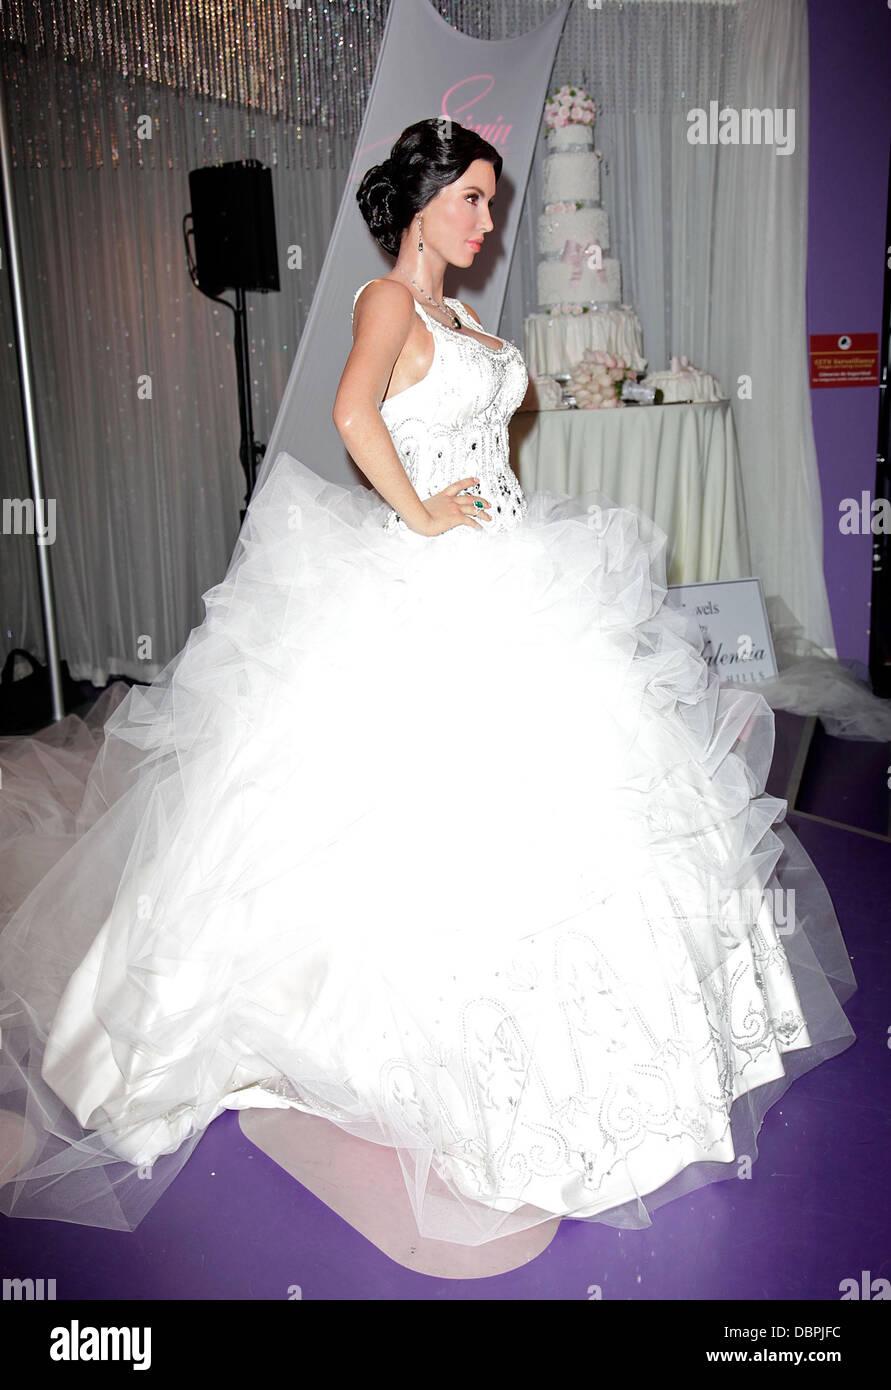 Fein Hochzeit Bevorzugt Los Angeles Fotos - Brautkleider Ideen ...